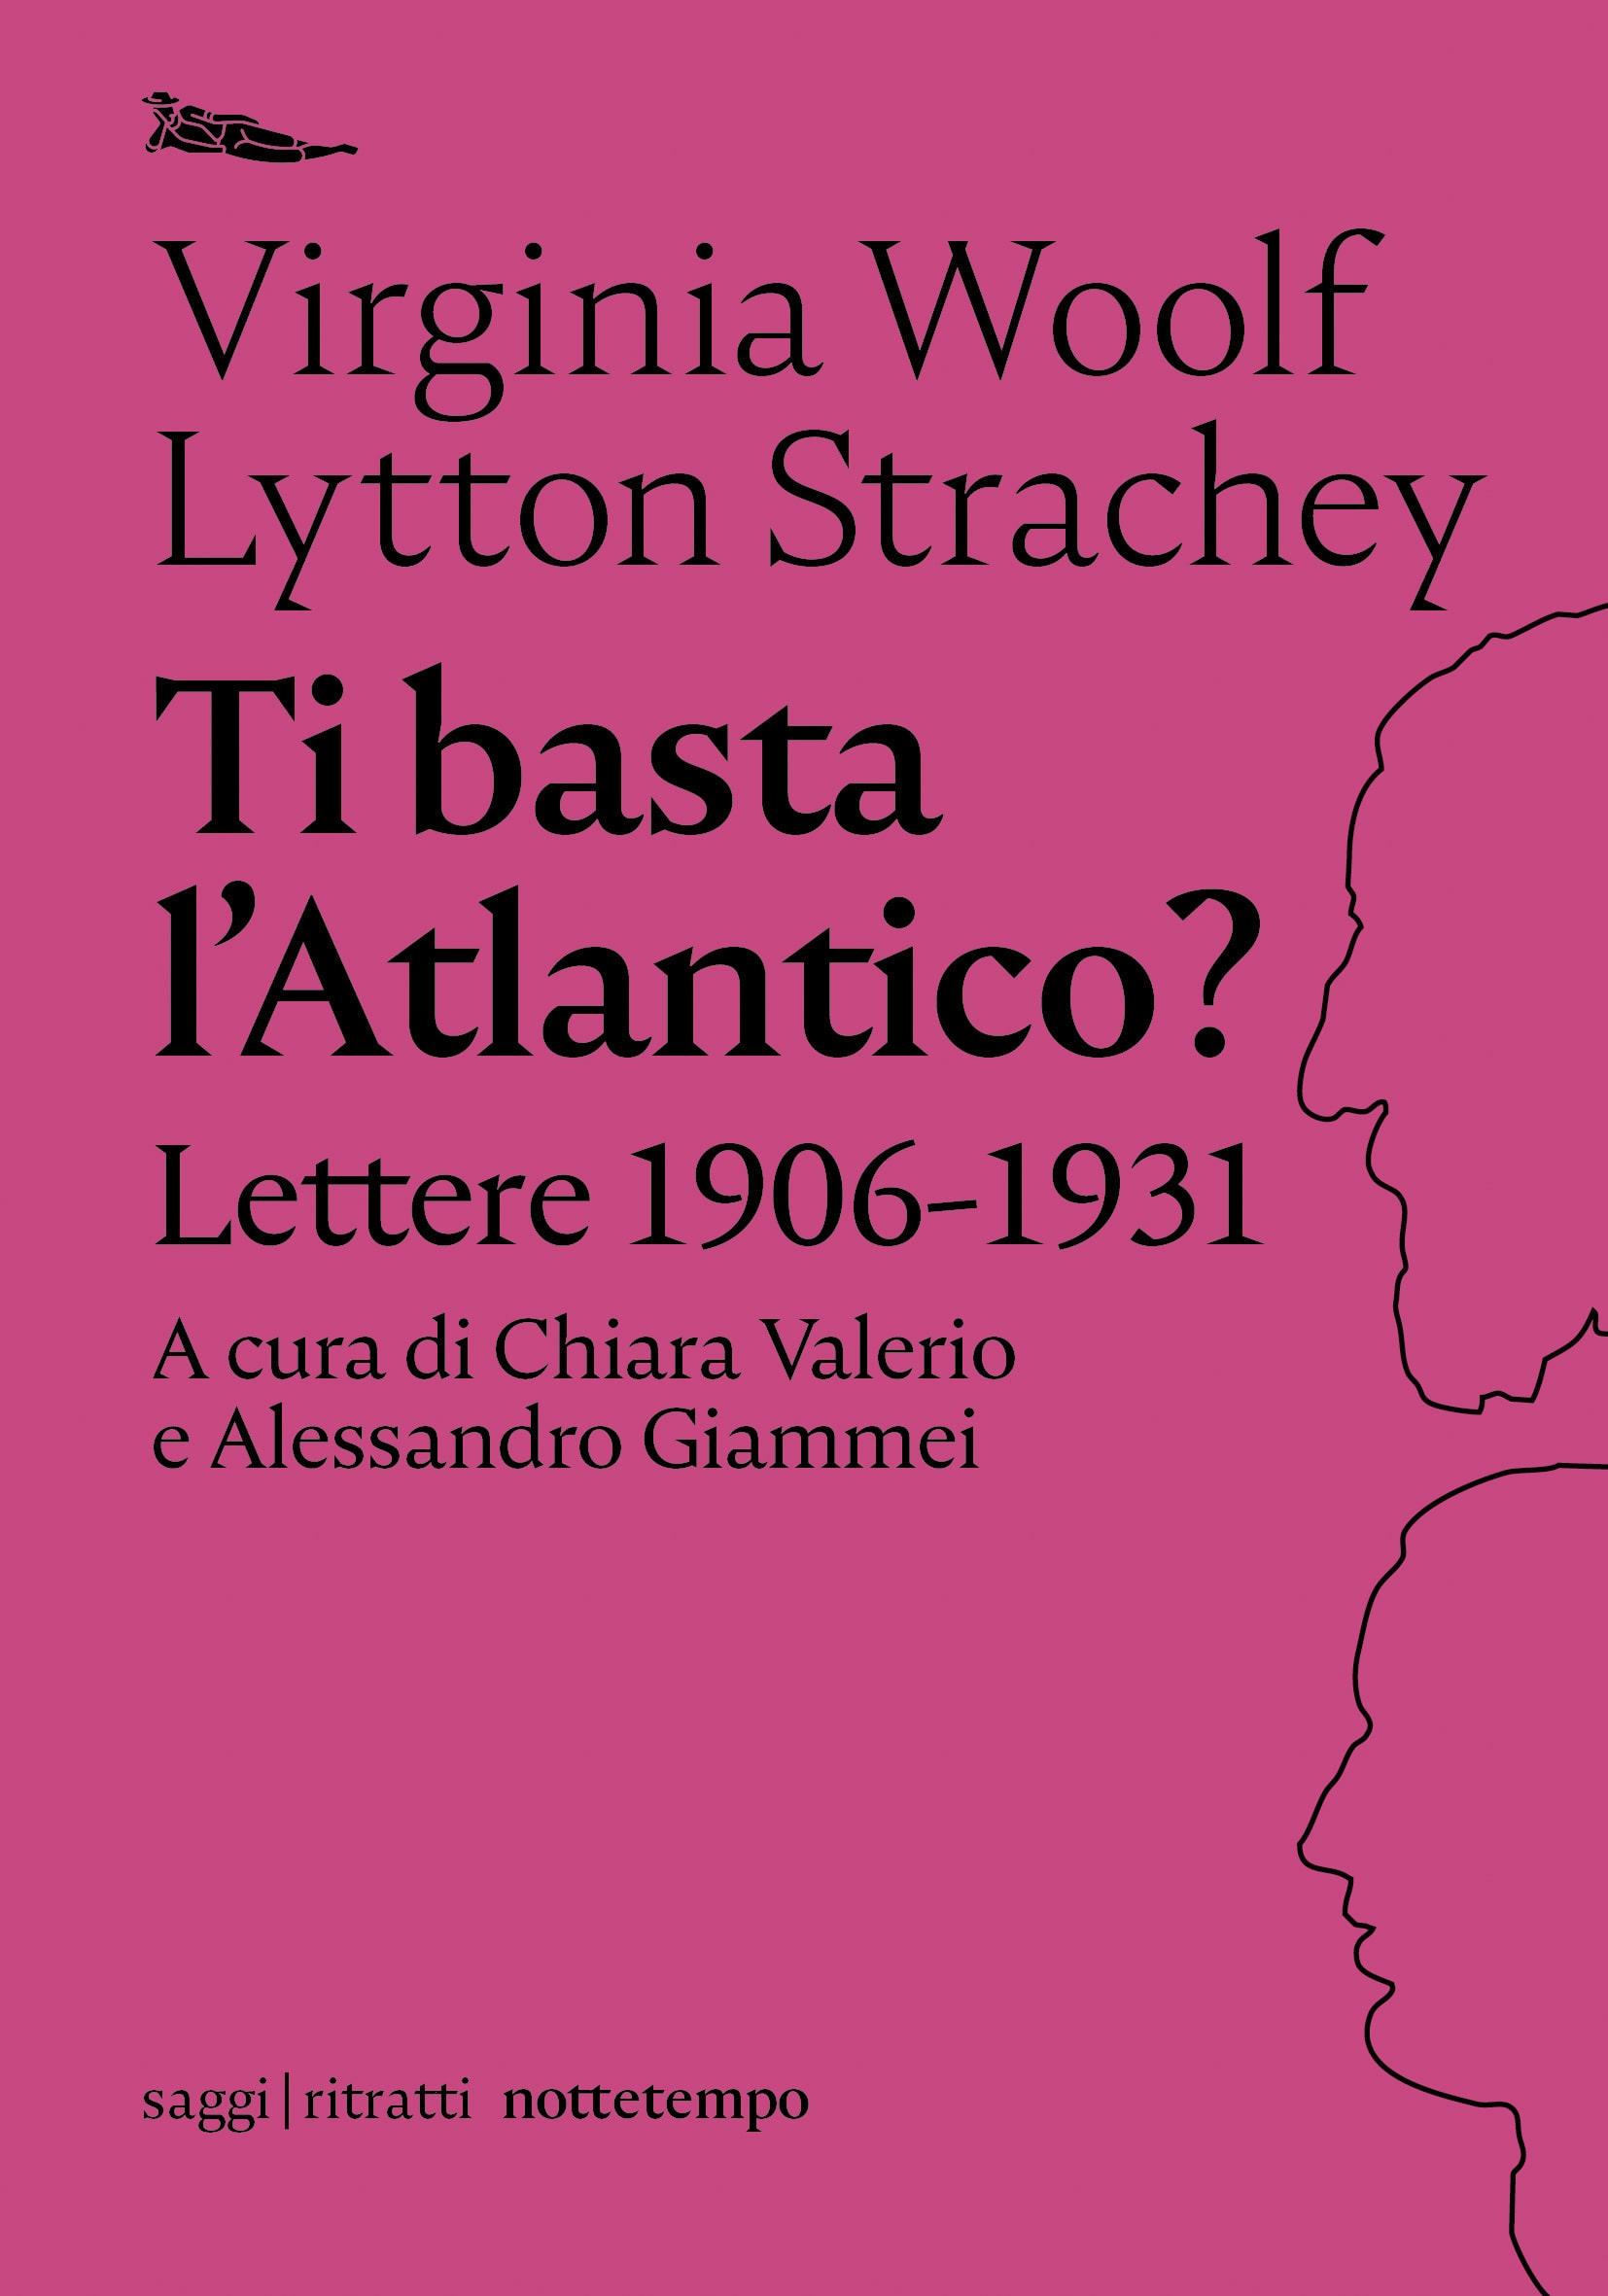 Ti basta l'Atlantico, lettere Virginia Woolf e Lytton Strachey